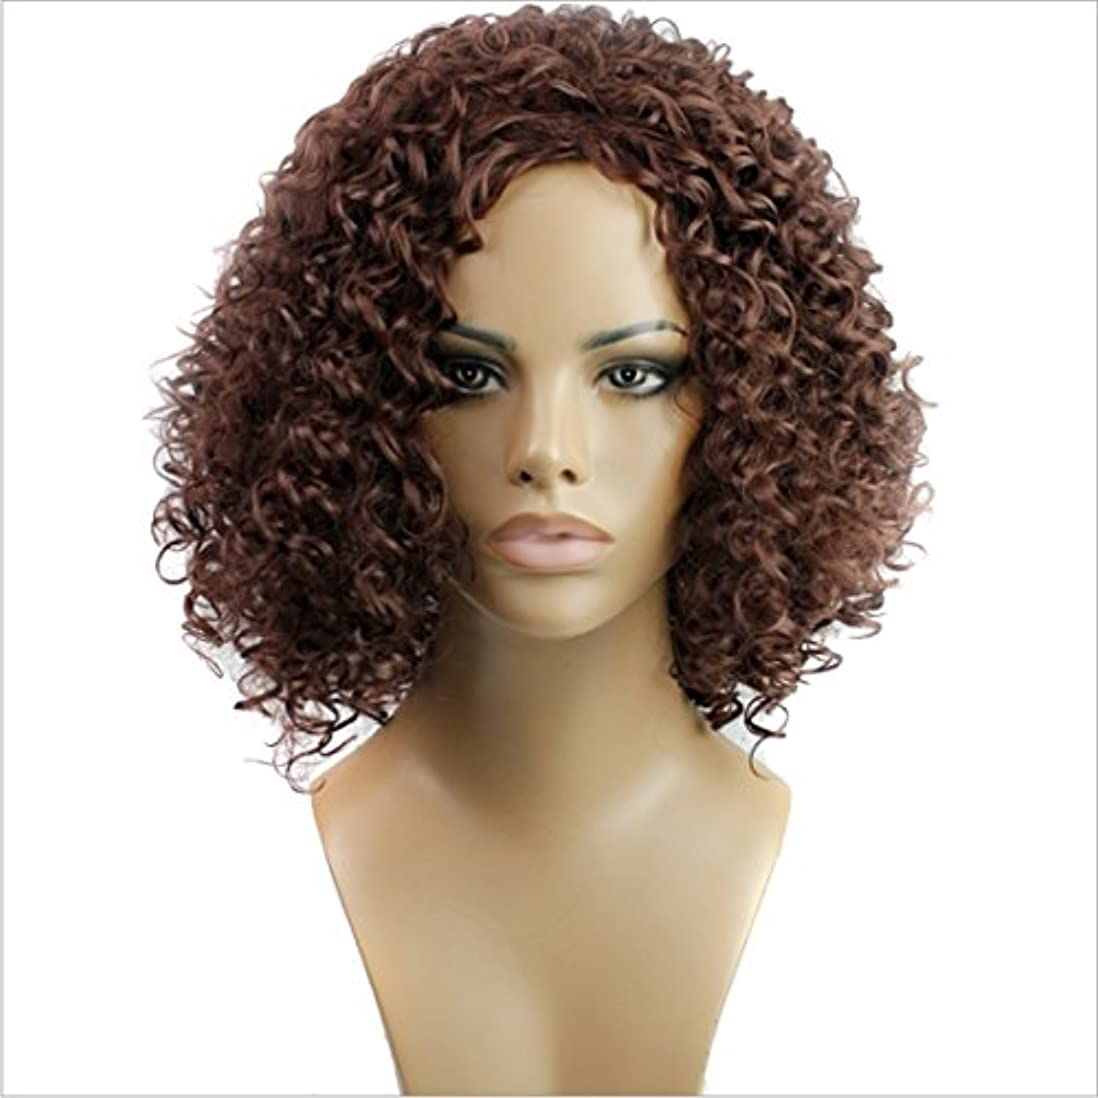 わずらわしい試用愛YOUQIU 長い前髪髪ナチュラルカラーウィッグ耐熱210グラムで女子ショートカーリーウィッグのために15インチの合成高温ウィッグ(ワインレッド、黒)ウィッグ (色 : ワインレッド)